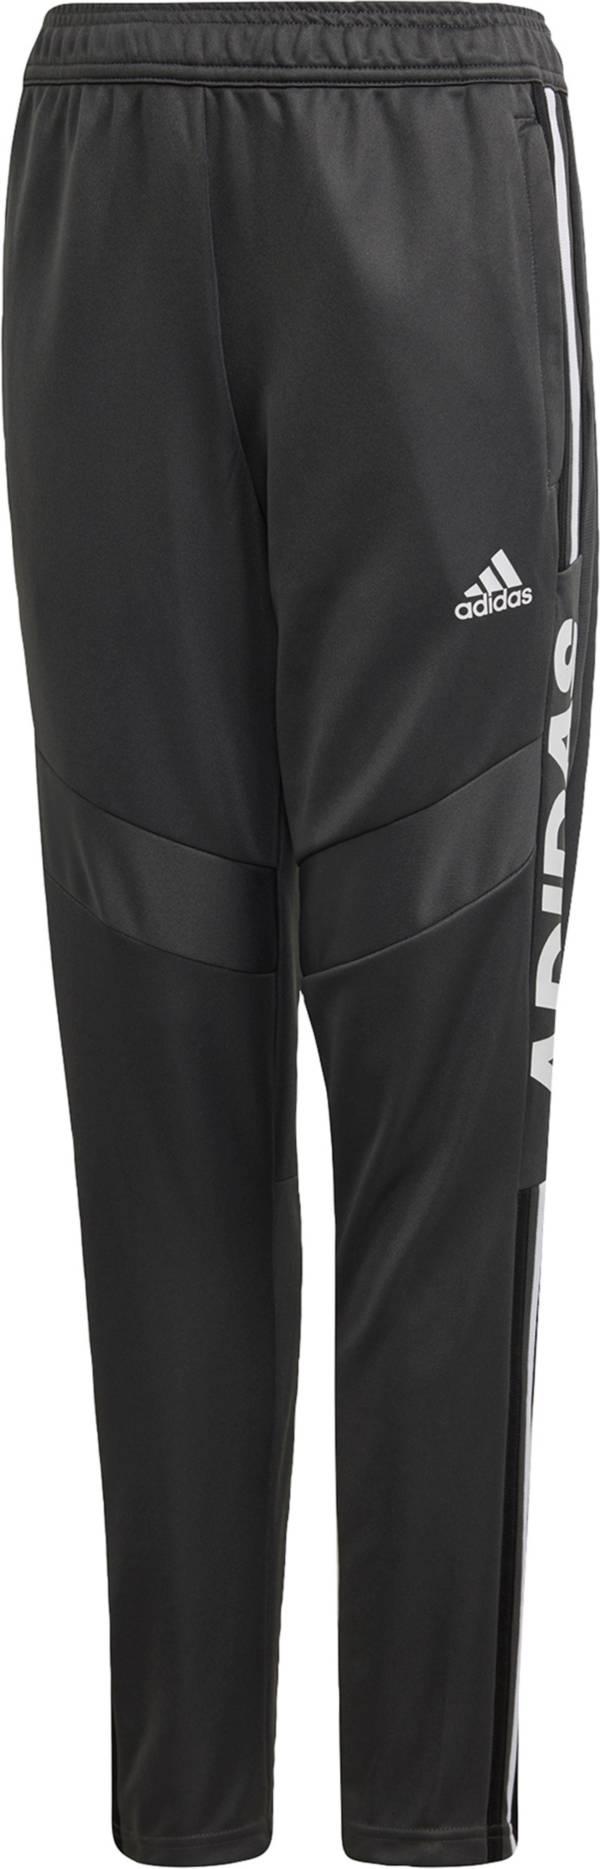 adidas Youth Tiro Training Pants product image